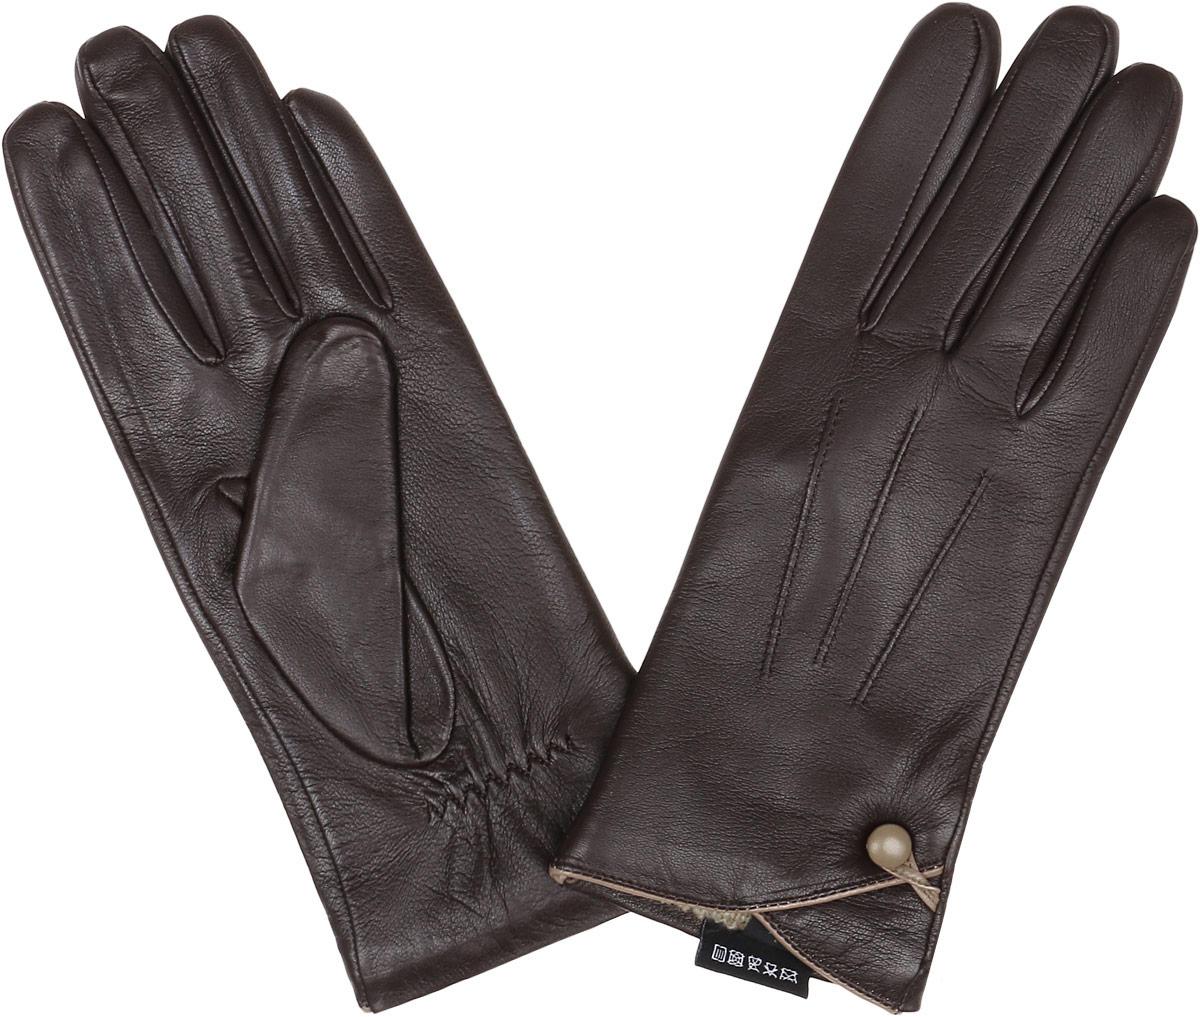 Перчатки женские Fabretti, цвет: шоколадный. 12.38-2. Размер 712.38-2 chocolateСтильные женские перчатки Fabretti не только защитят ваши руки, но и станут великолепным украшением. Перчатки выполнены из натуральной кожи ягненка, а их подкладка - из высококачественной шерсти с добавлением кашемира.Модель оформлена оригинальными строчками-стежками и дополнена небольшой пуговкой с петелькой. Стильный аксессуар для повседневного образа.